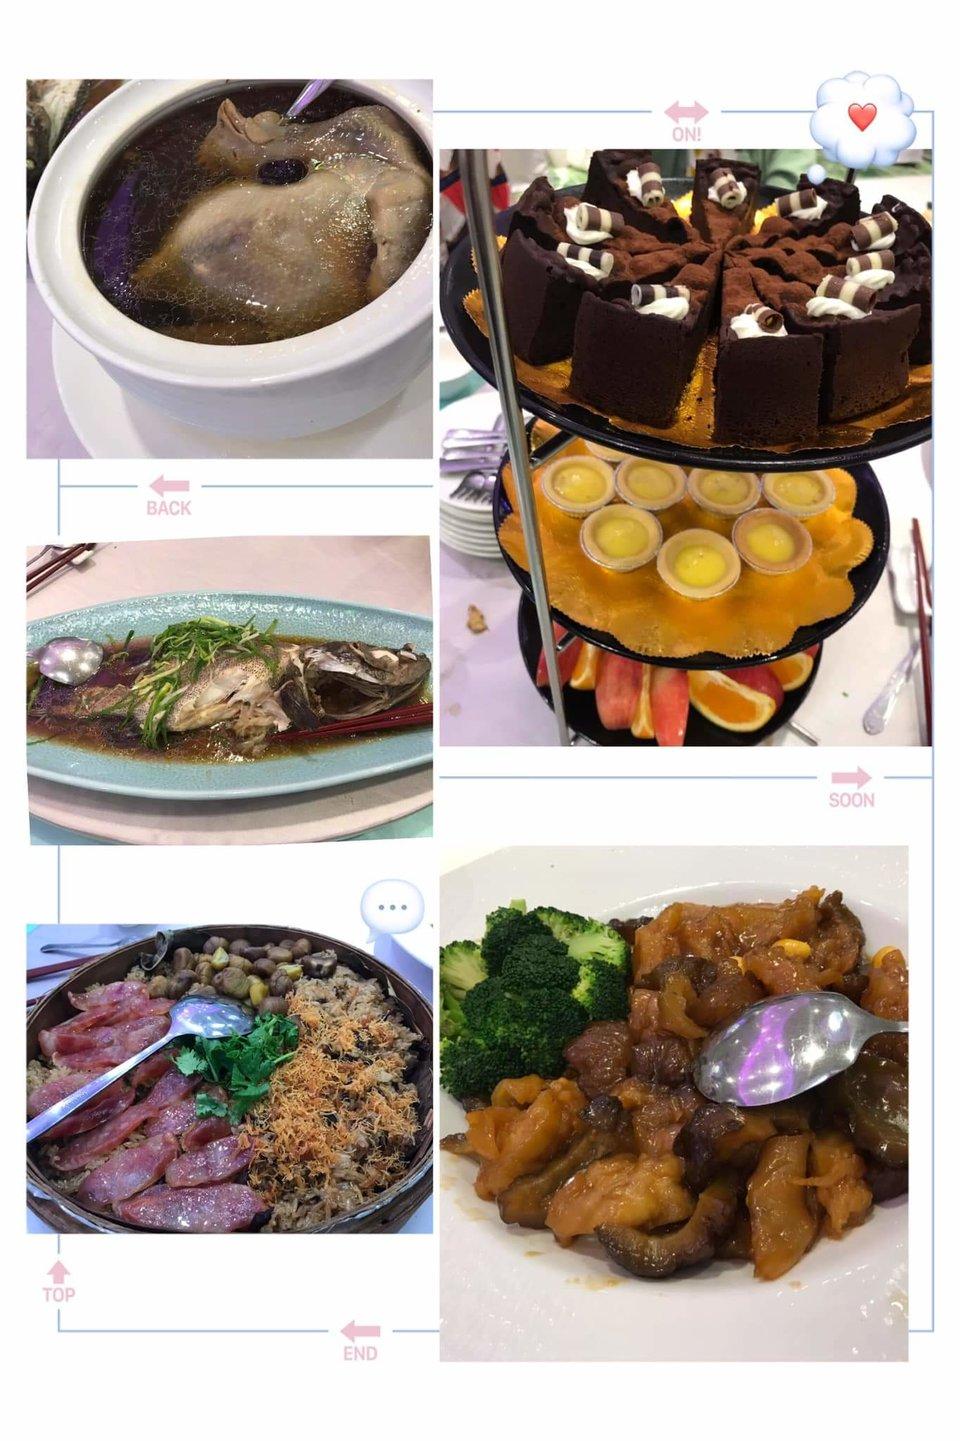 88號樂章婚宴會館,88樂章cp質超高,餐點超好吃,宴會廳也超越美